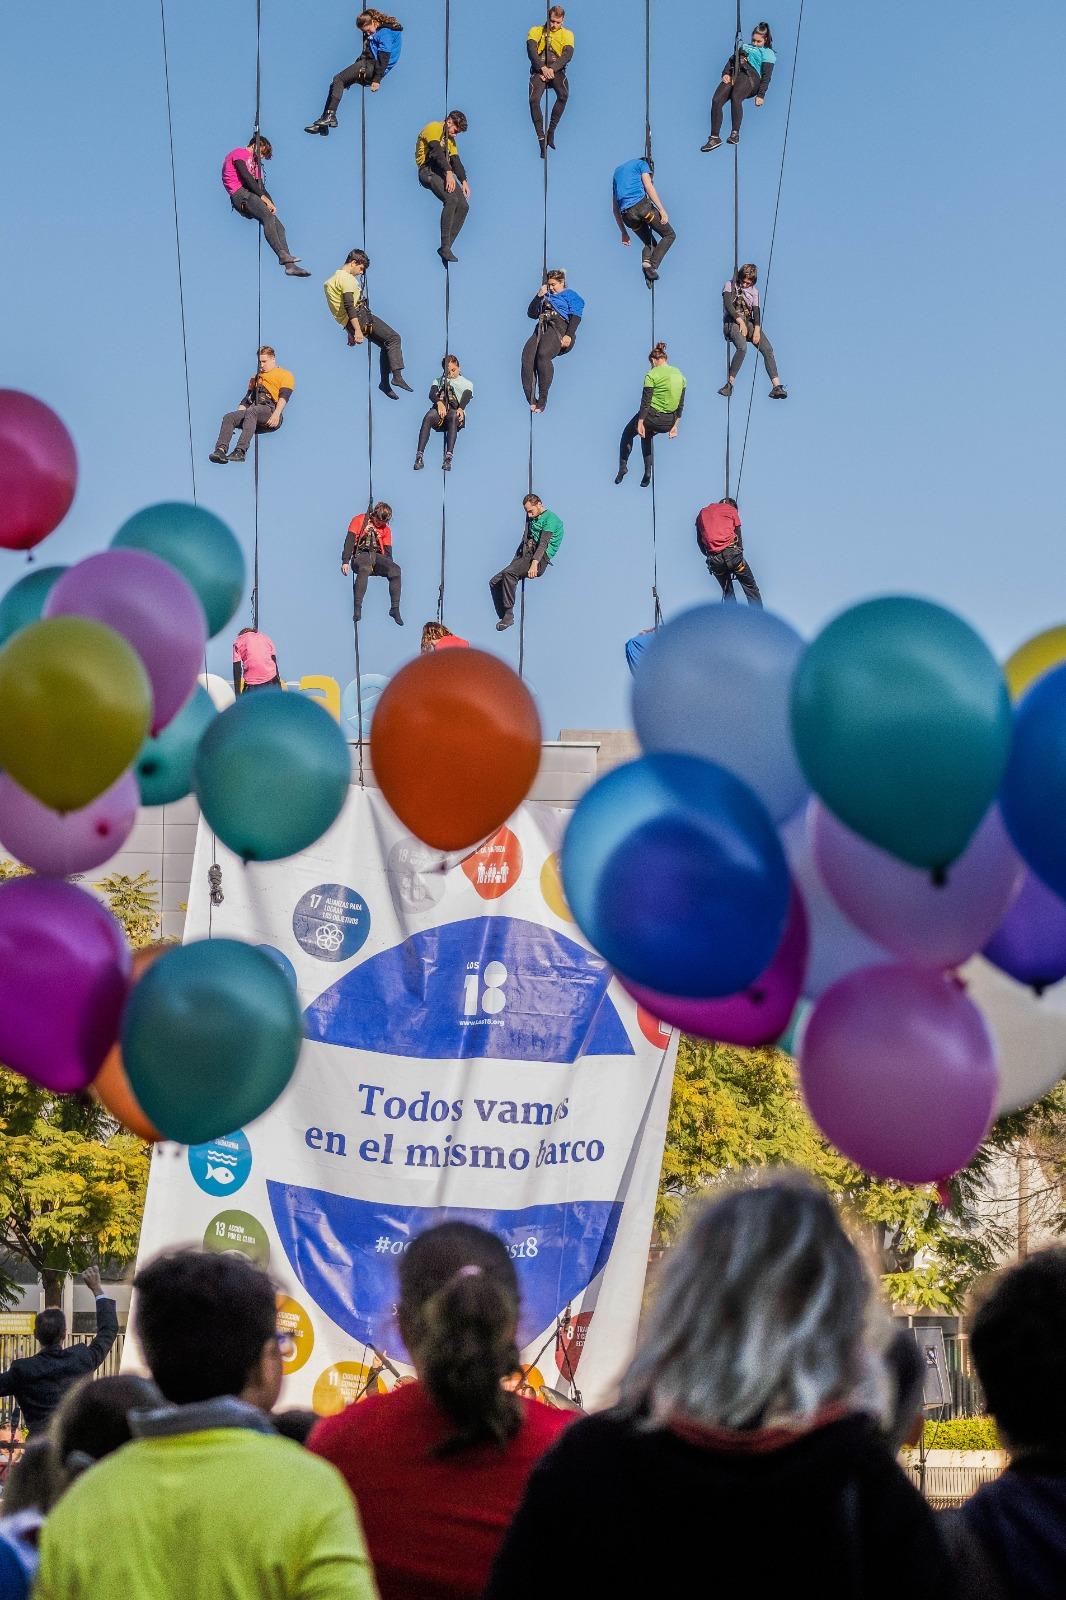 Los18 vuelta al mundo ODS